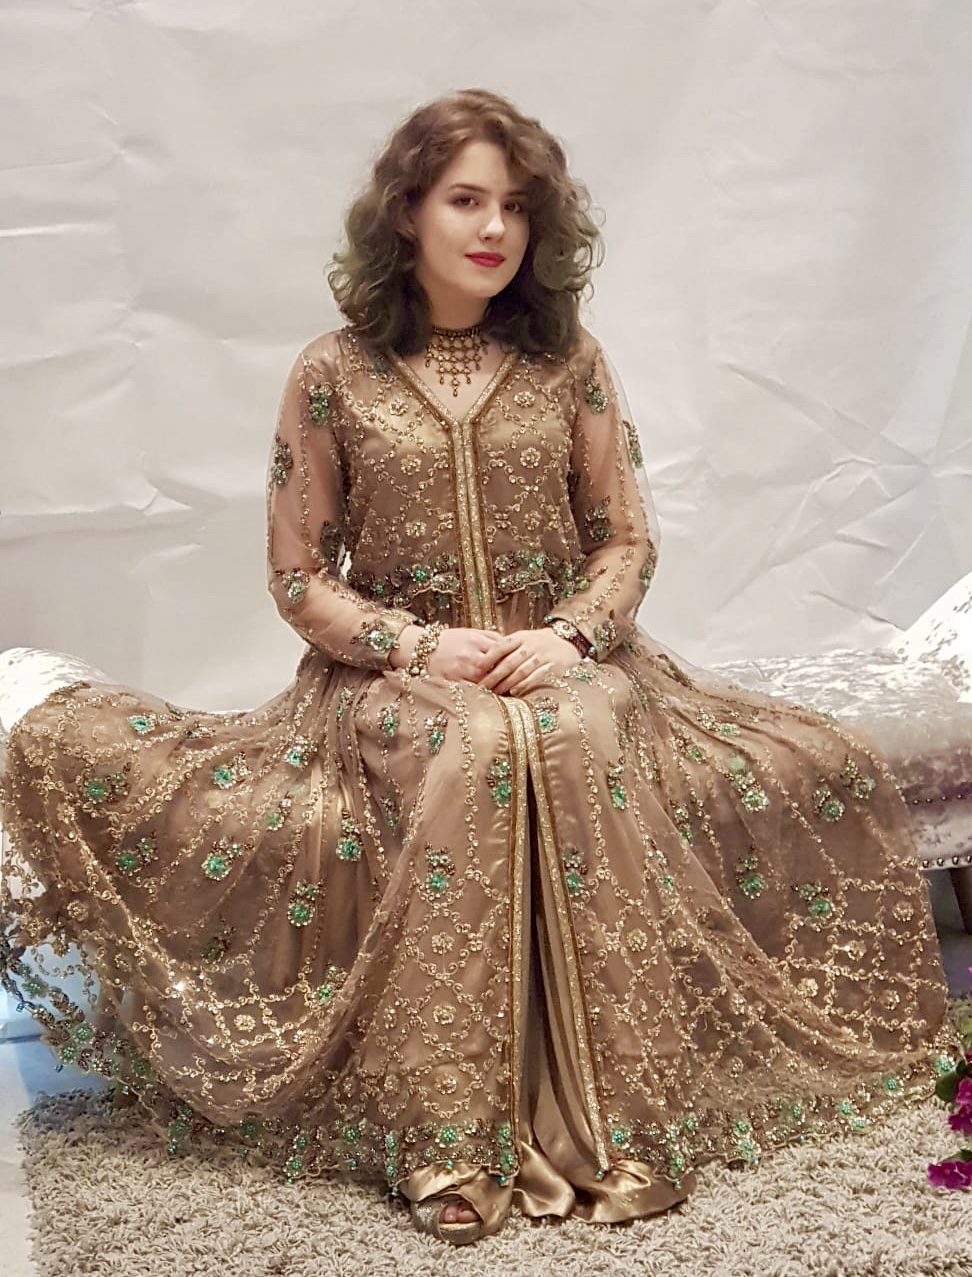 ec07523c6e Desert Tan Long Dress - Sarah Zaaraz London Fashion Designer   Pakistani Dress  Designer   Bridal Dresses